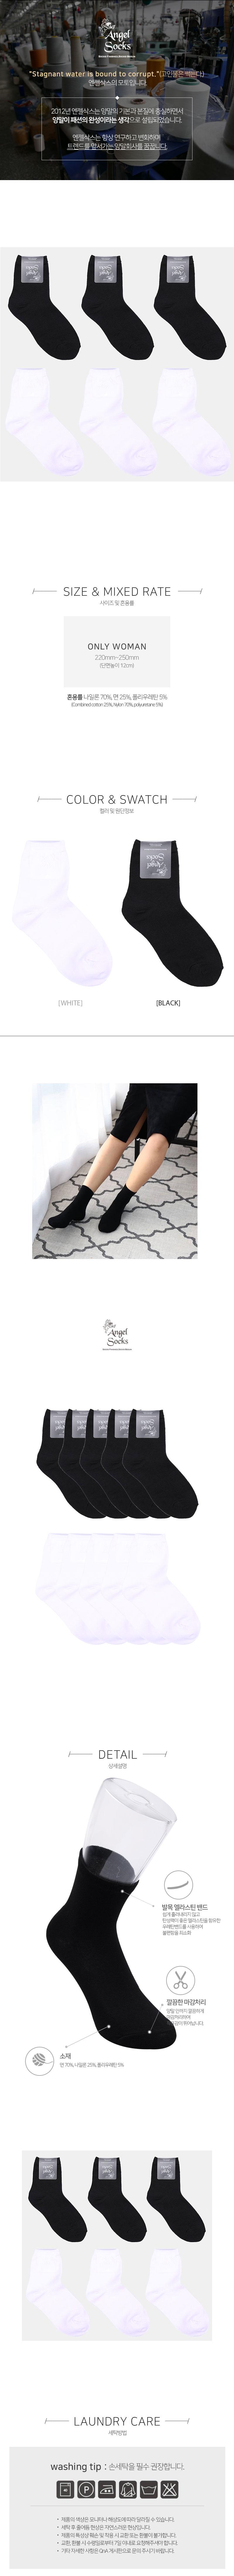 (5개세트)(여자)1315무지검정면양말 - 엔젤삭스, 4,500원, 여성양말, 패션양말